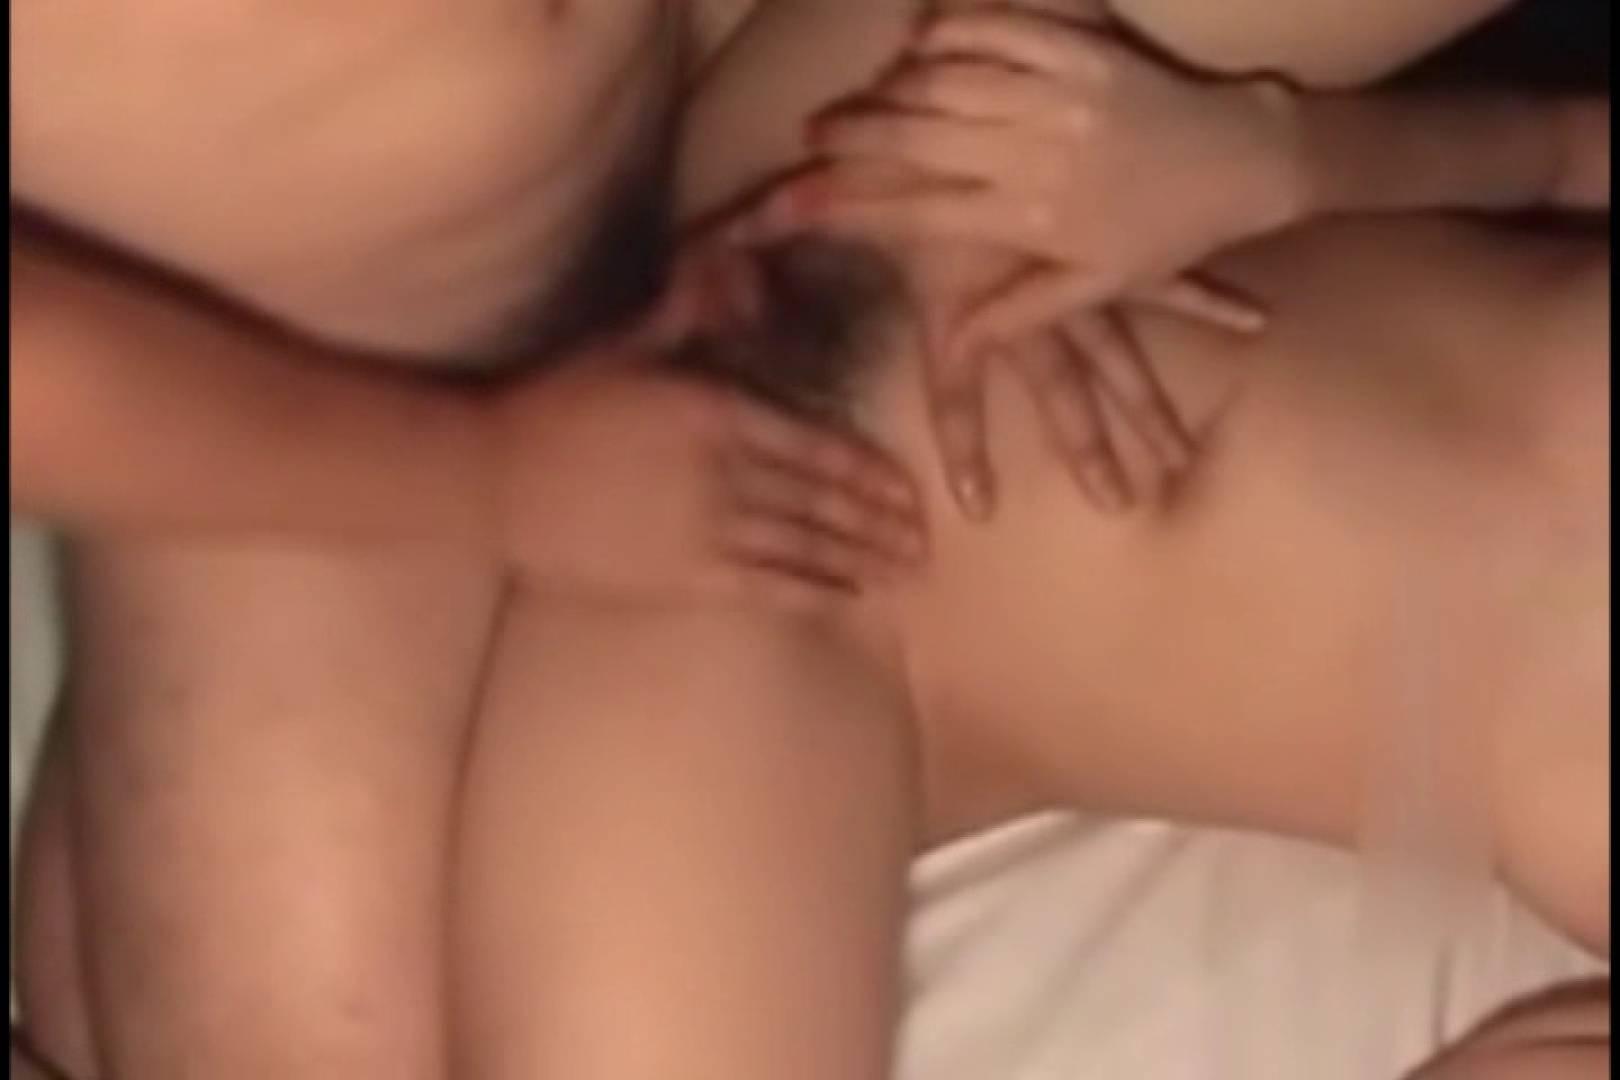 コリアン素人流出シリーズ 友達の彼女を姦して撮影 素人  61連発 51